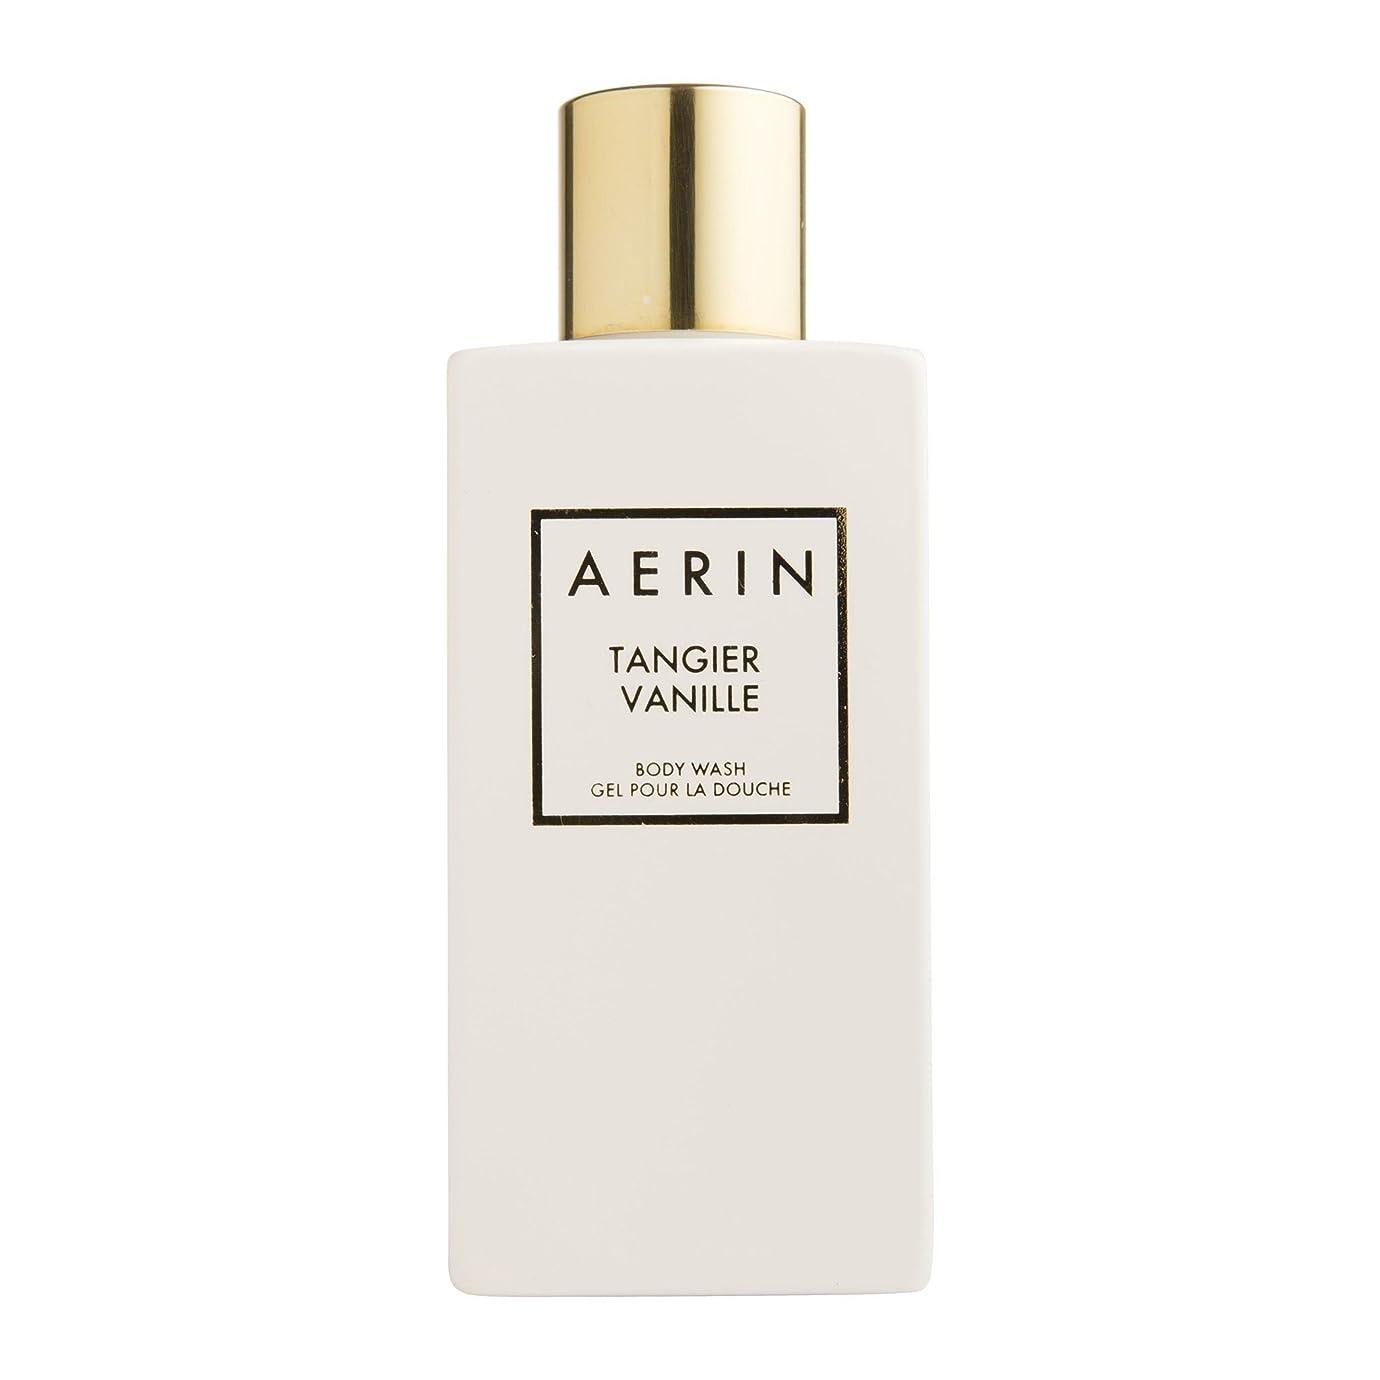 娯楽安らぎシチリアAERIN Tangier Vanille (アエリン タンジヤー バニール) 7.6 oz (228ml) Body Wash ボディーウオッシュ by Estee Lauder for Women